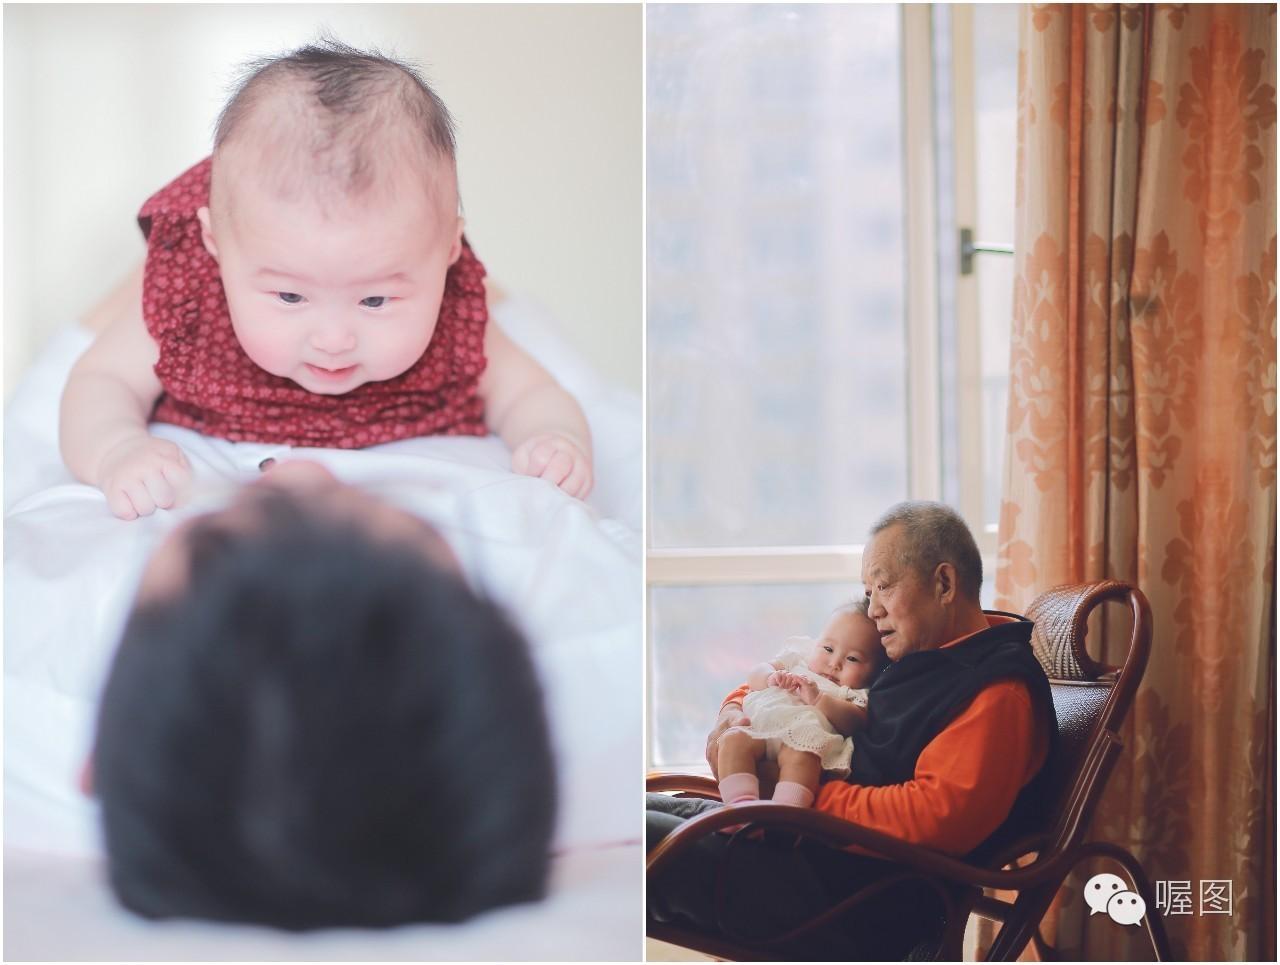 故事三、一周岁的亲子照-儿童写真作品,与爱有关的影像故事